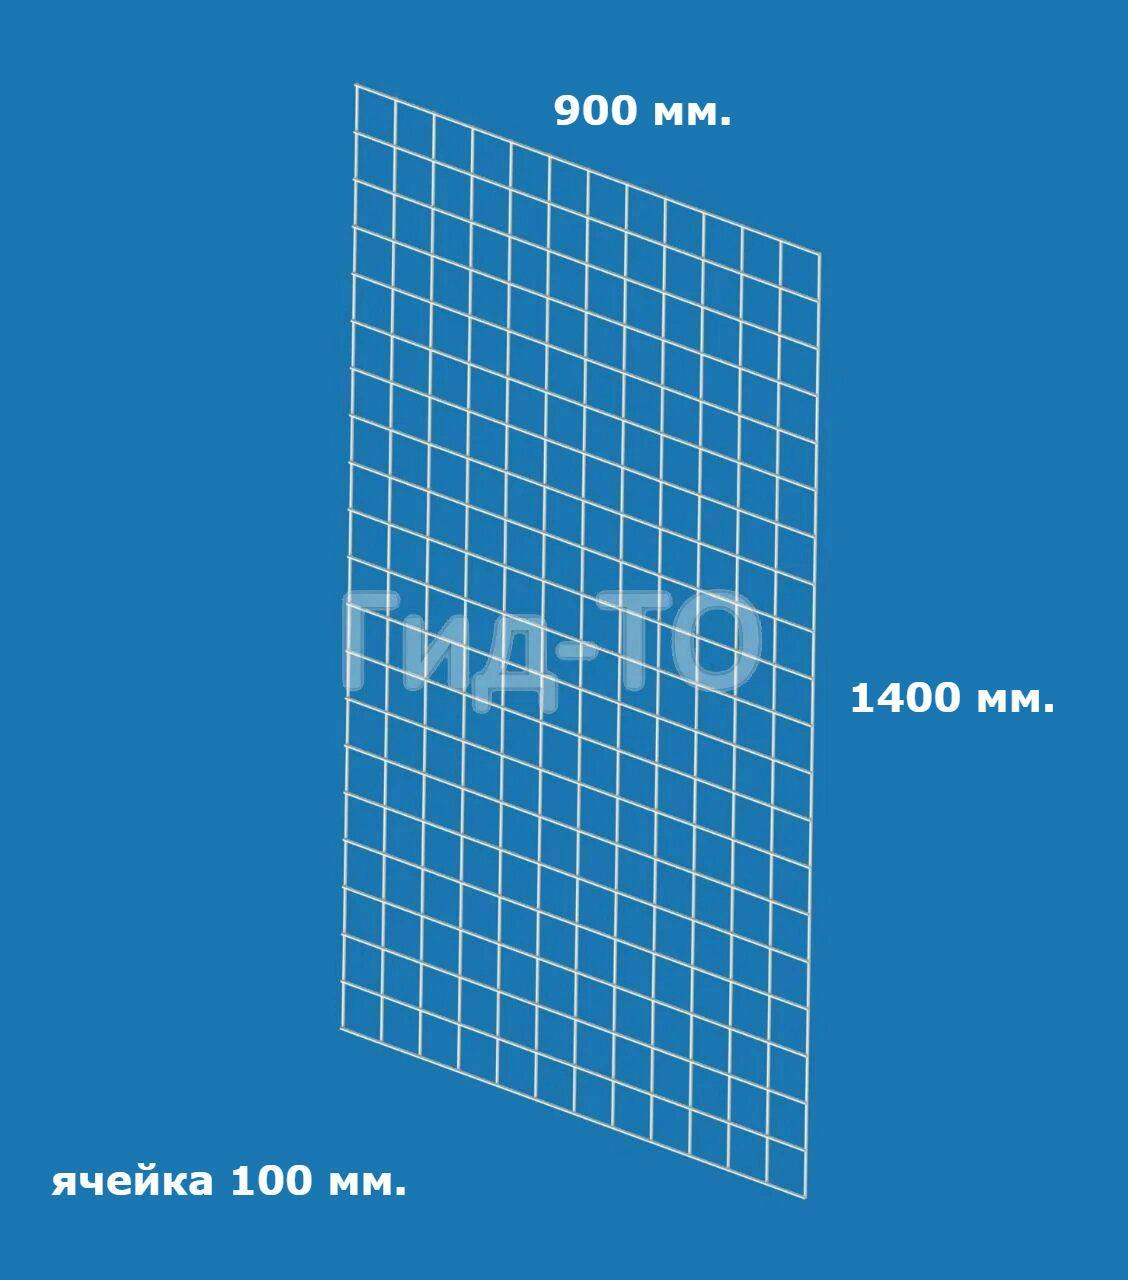 Сетка торговая (1400х900) ячейка 100 мм.